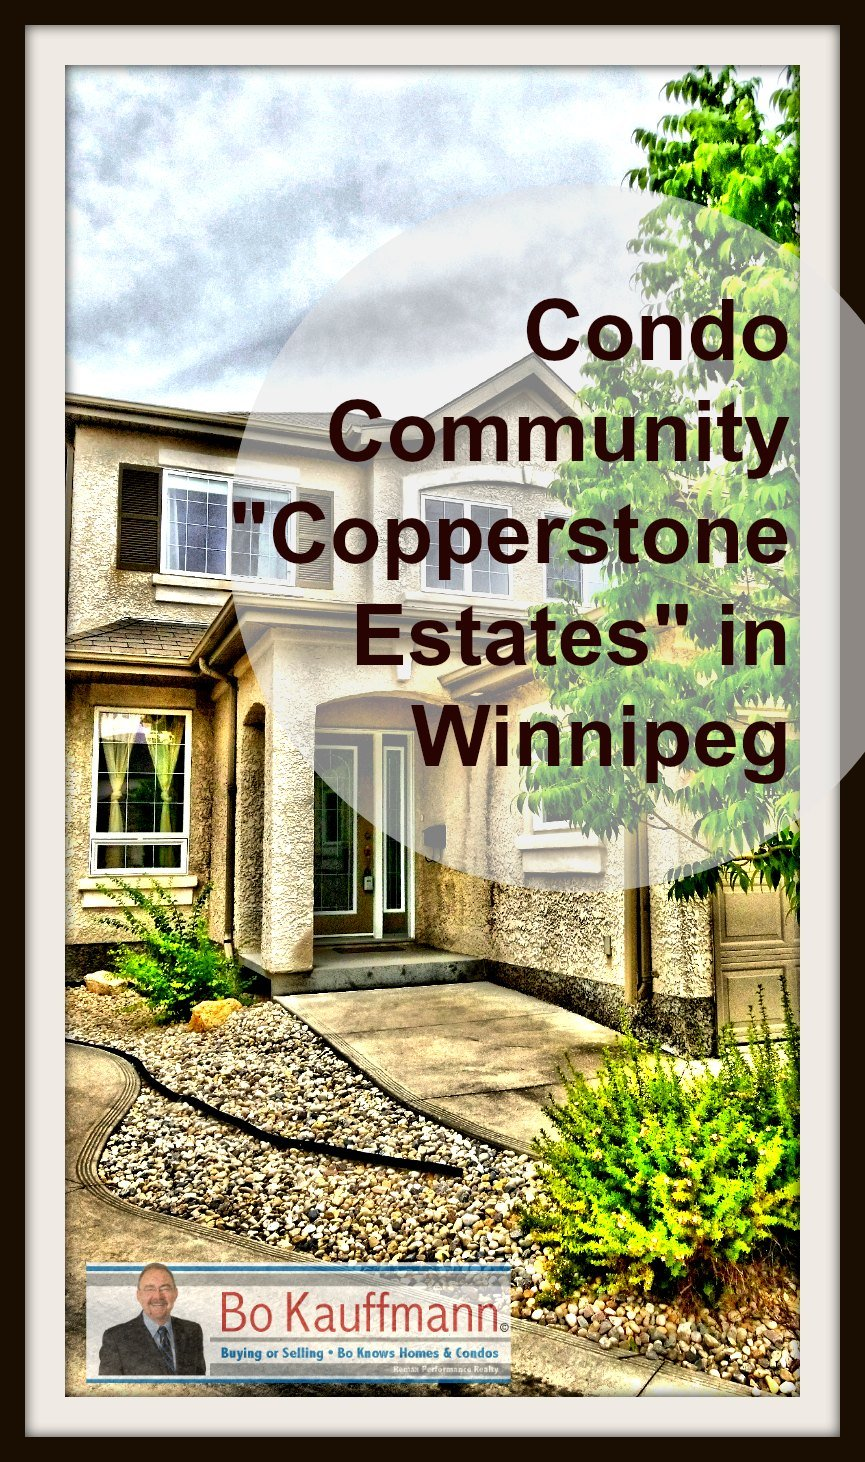 Copperstone Estates - Island Shore Blvd - Winnipeg Condo Community